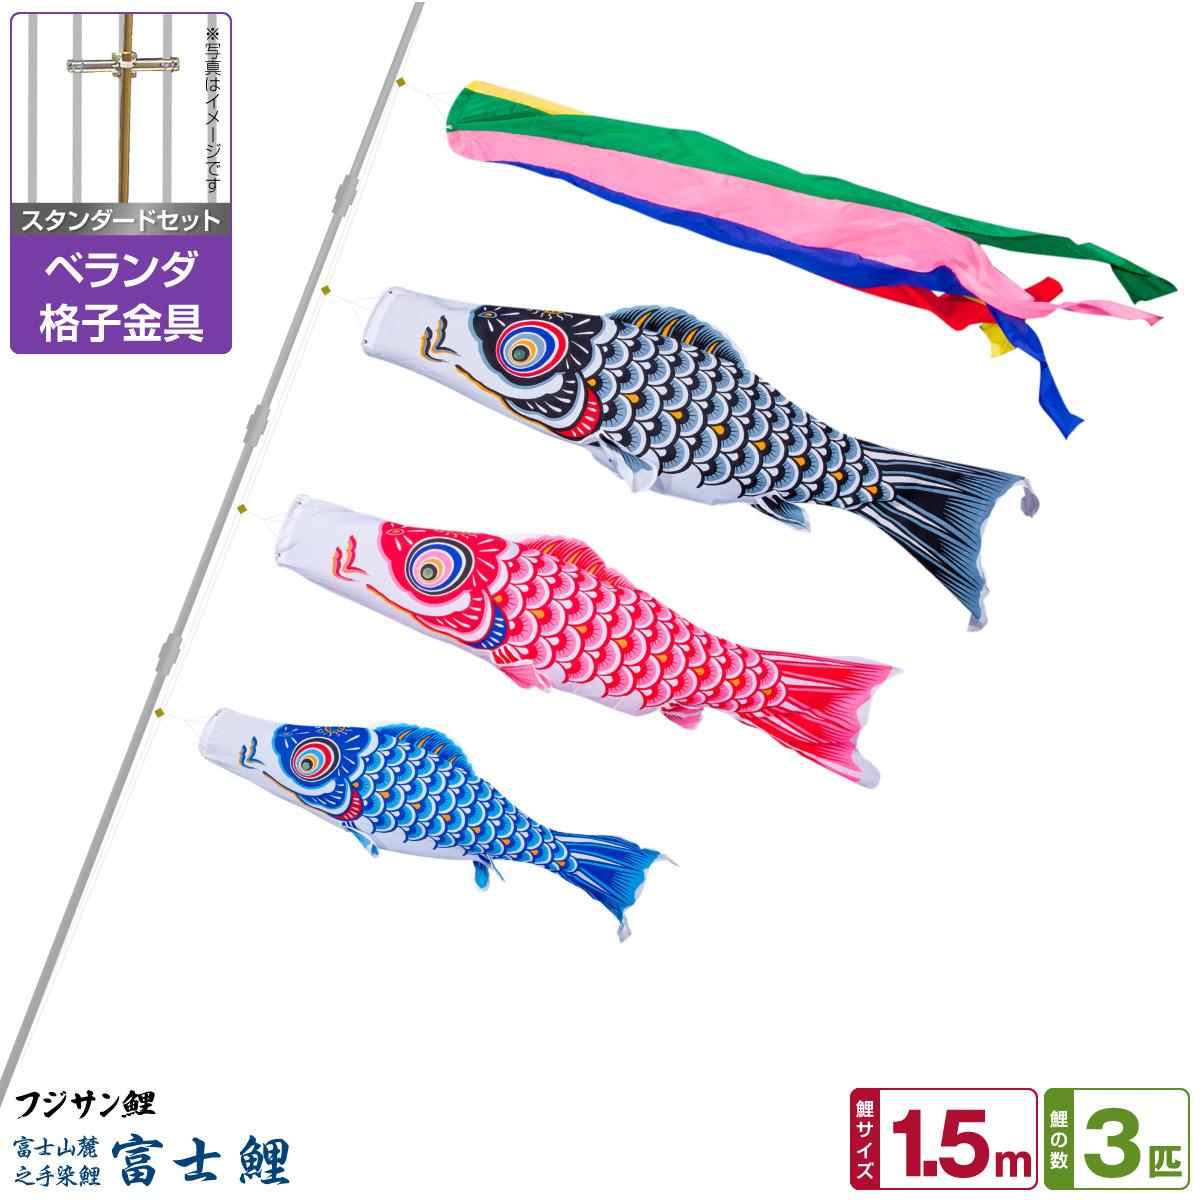 ベランダ用 こいのぼり 鯉のぼり フジサン鯉 富士鯉 1.5m 6点(吹流し+鯉3匹+矢車+ロープ)/スタンダードセット(格子金具)